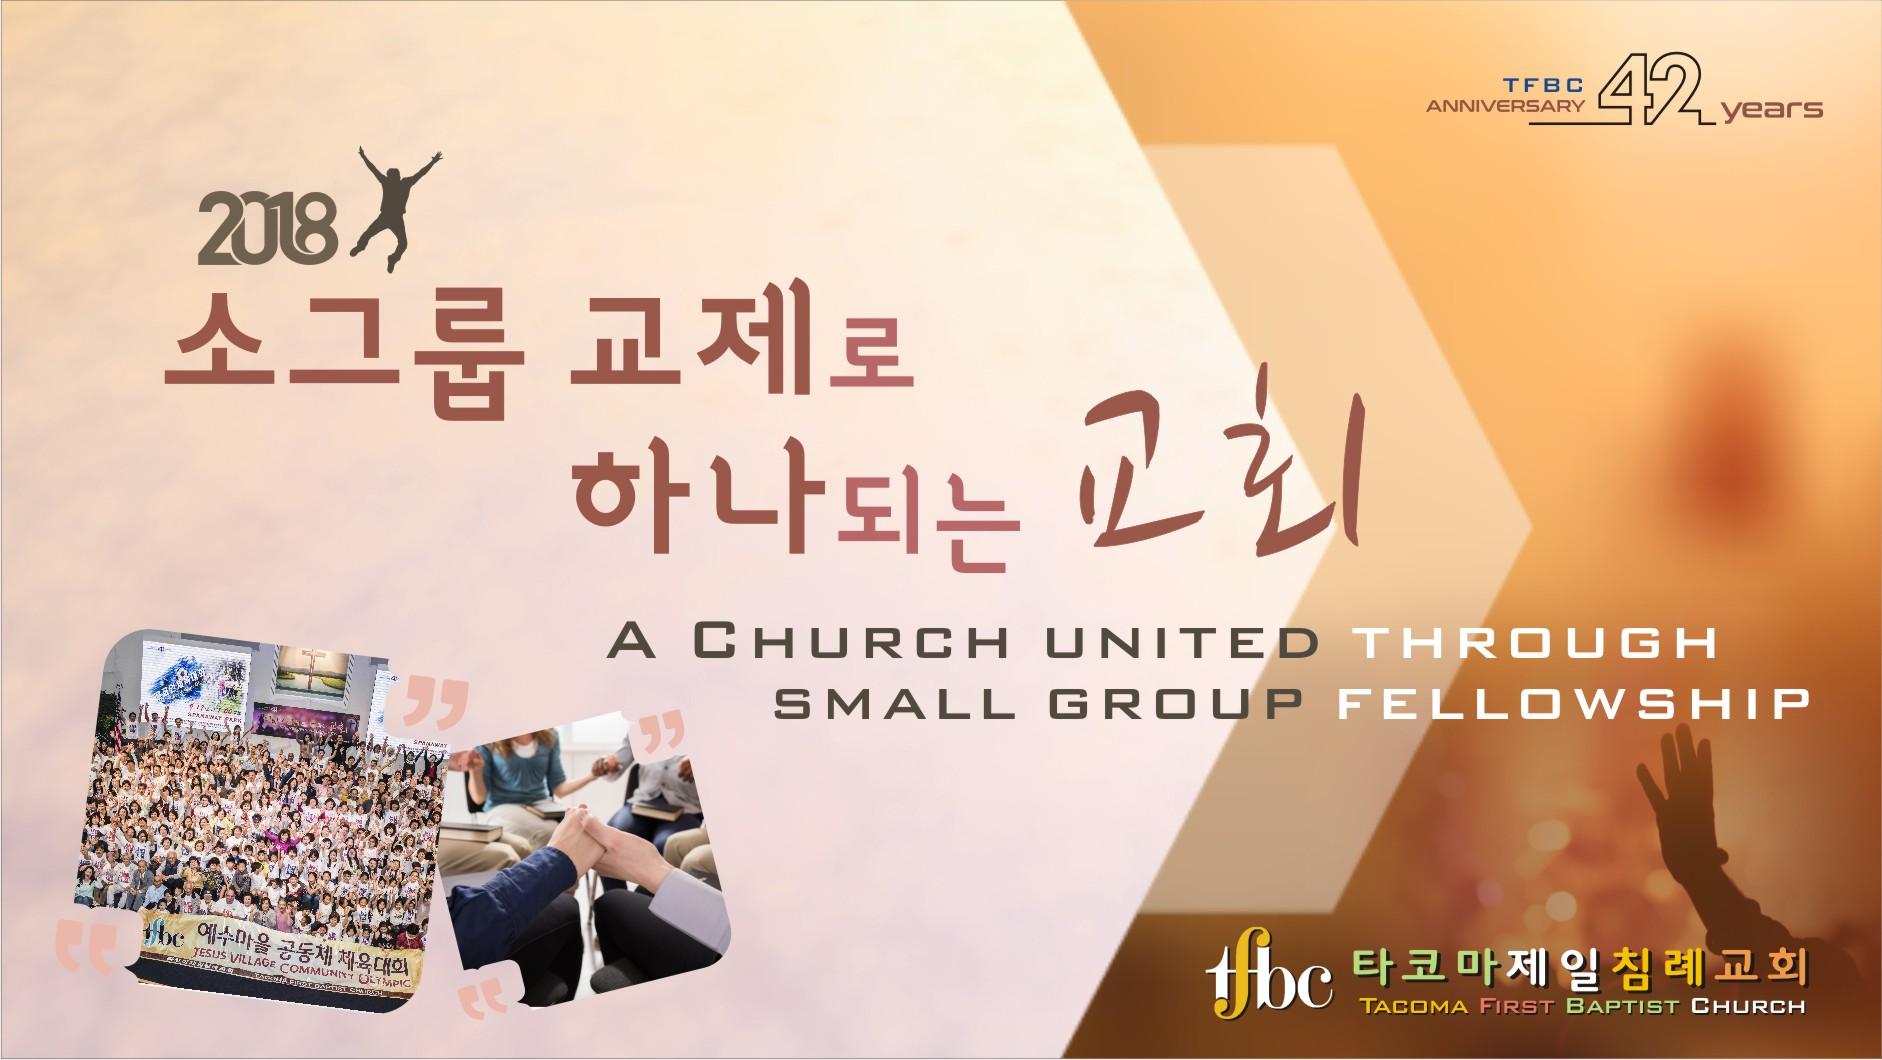 소그룹교제로 하나되는 교회-홈피배너